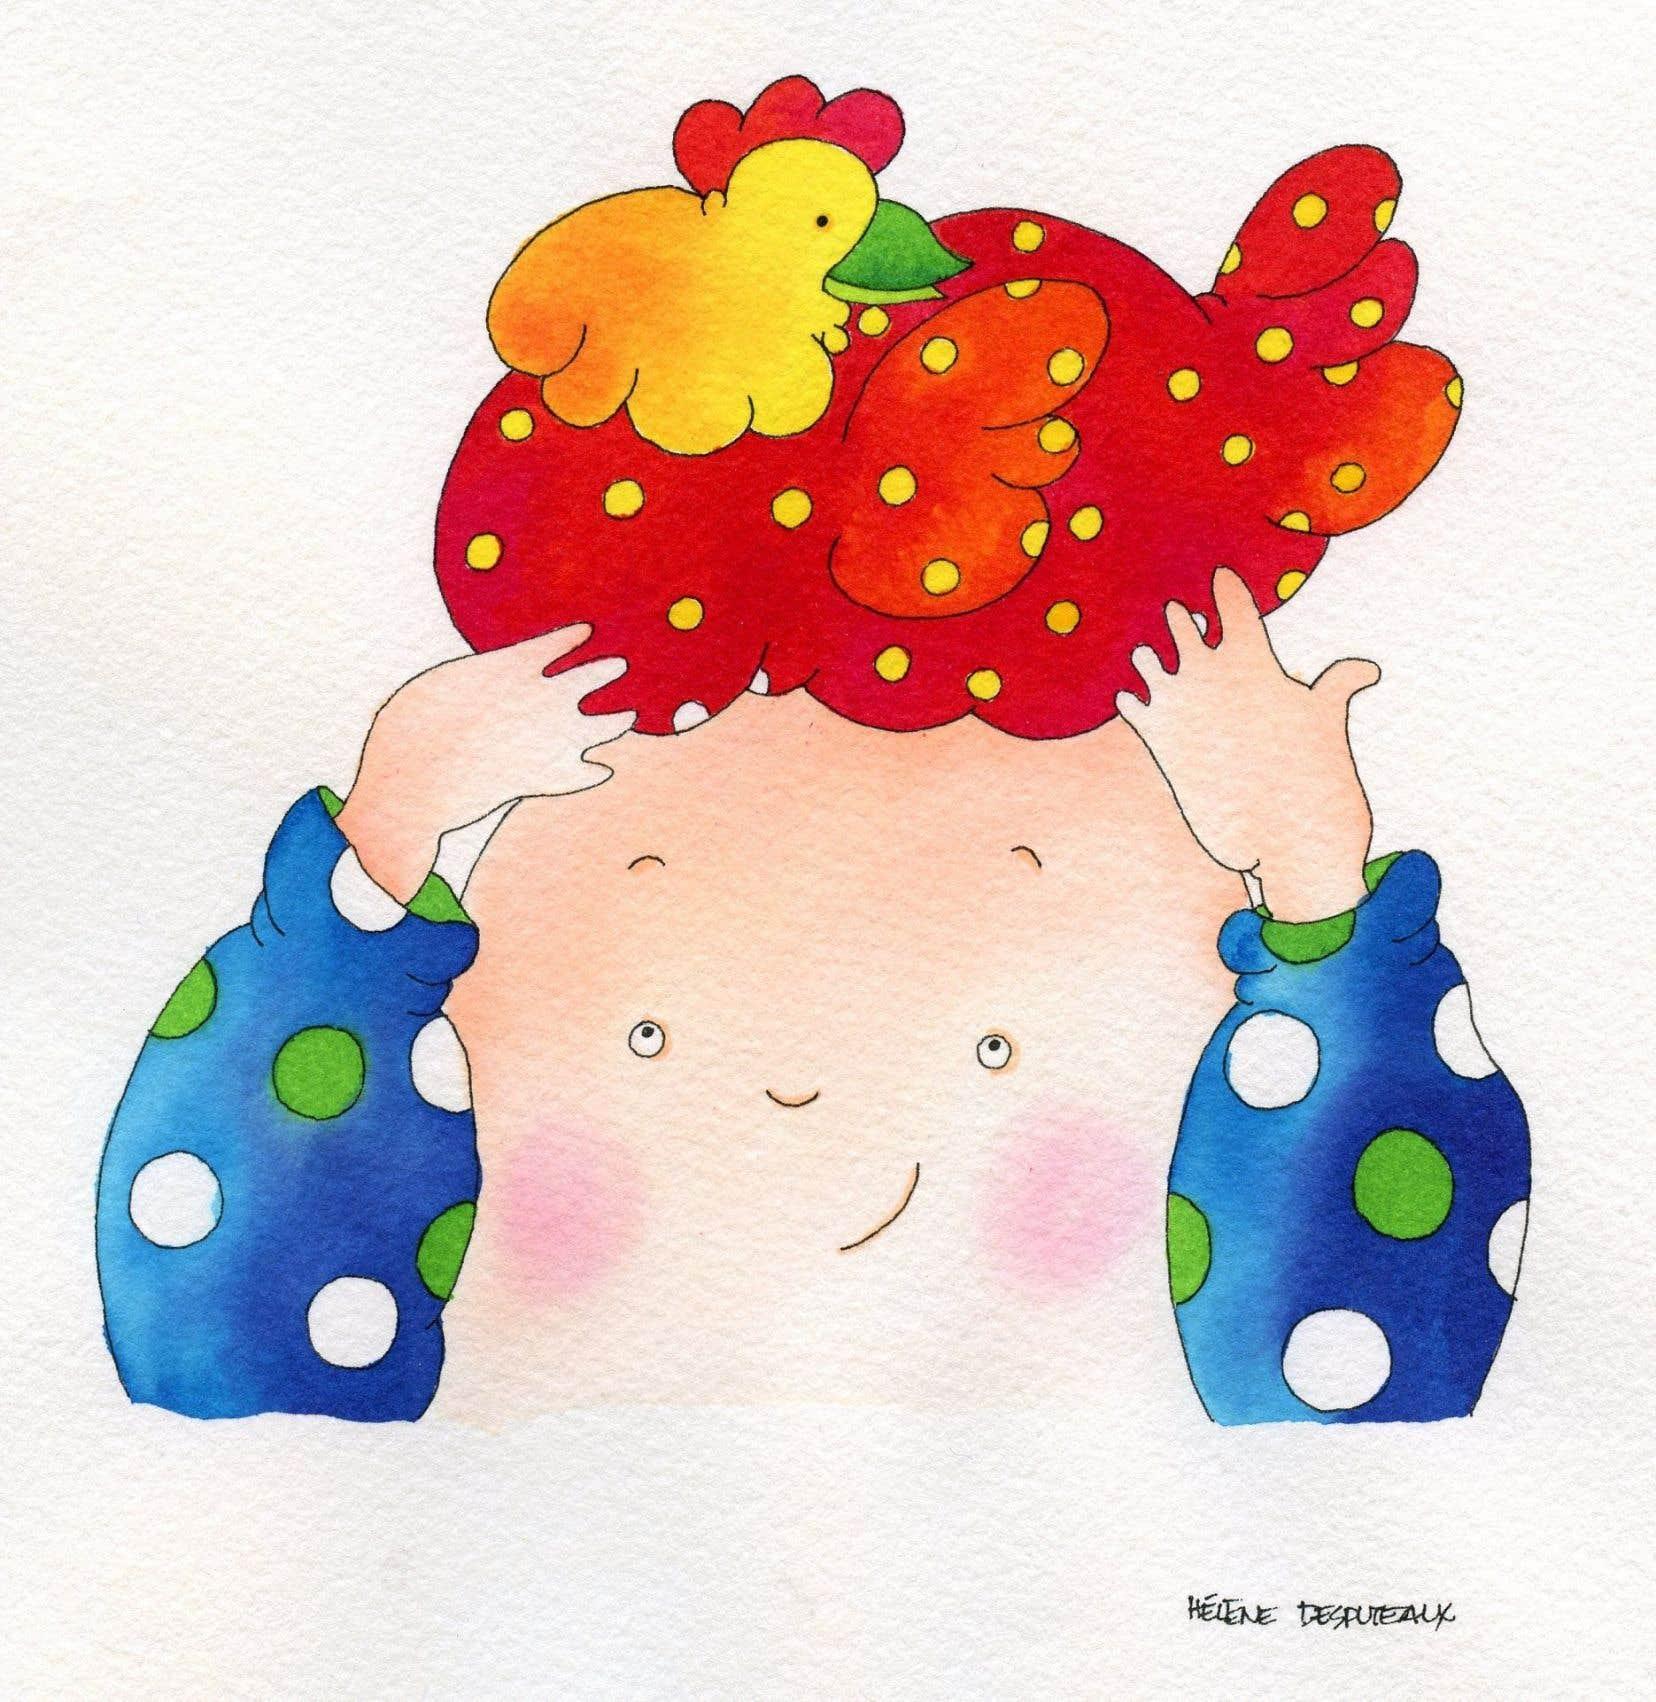 Le personnage chauve et coloré, ici sous le trait d'Hélène Desputeaux